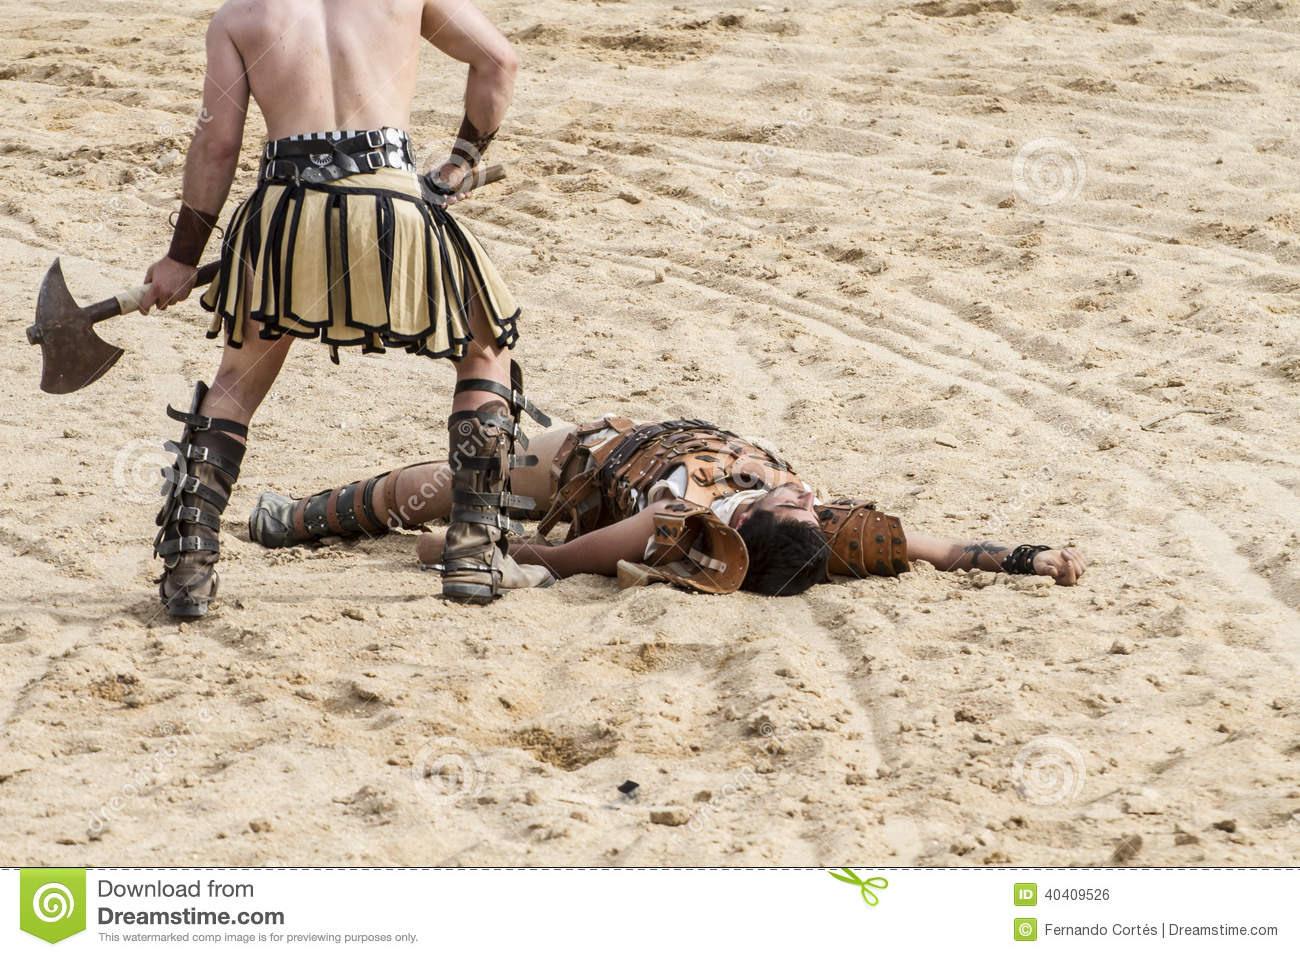 La Mort Gladiateur Combattant Dans L'arène Du Cirque